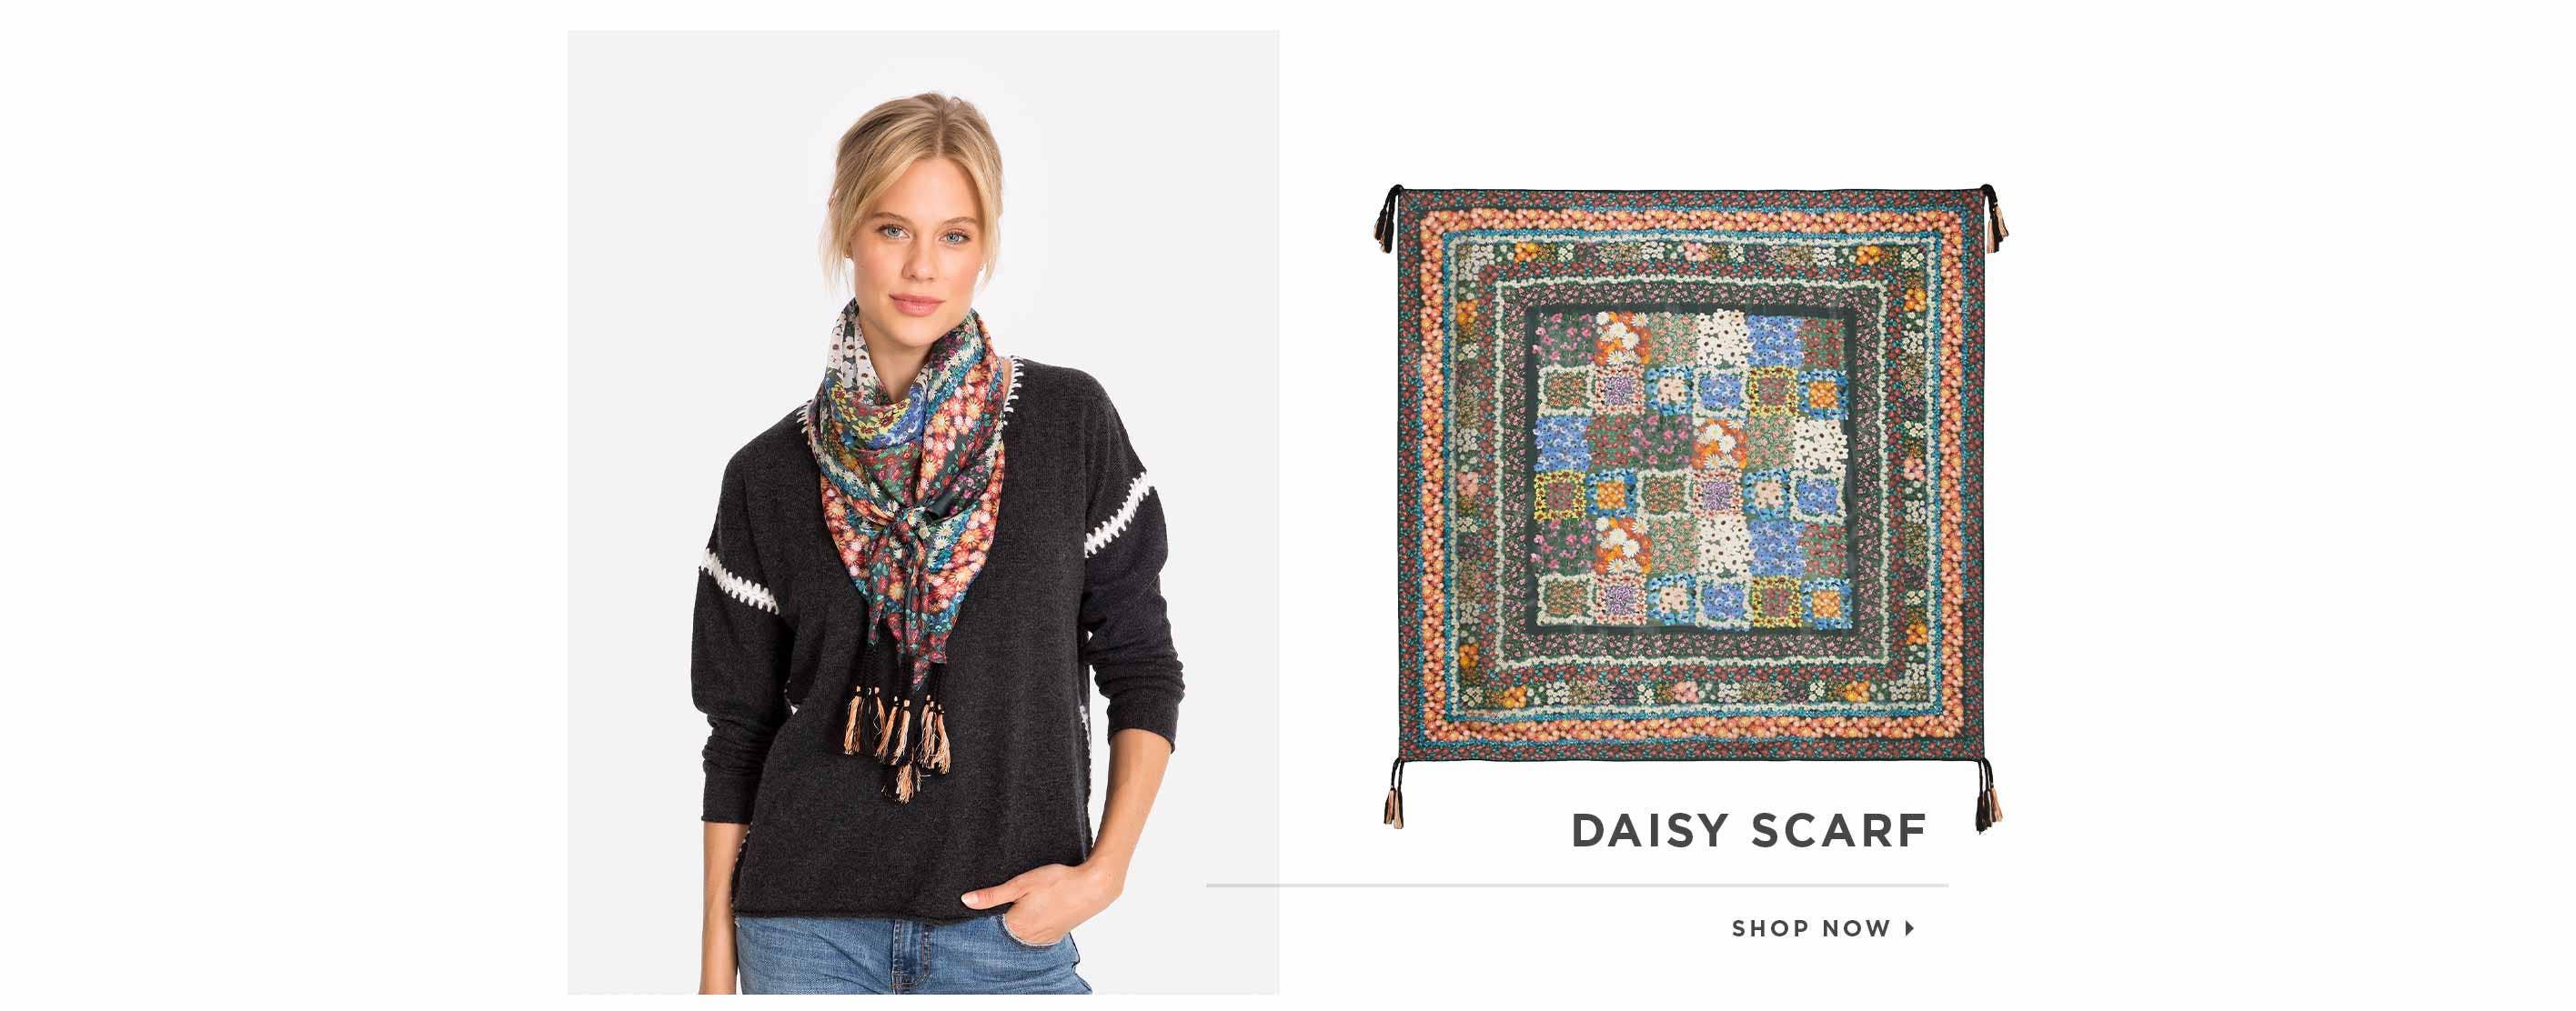 Daisy Scarf. Shop now.